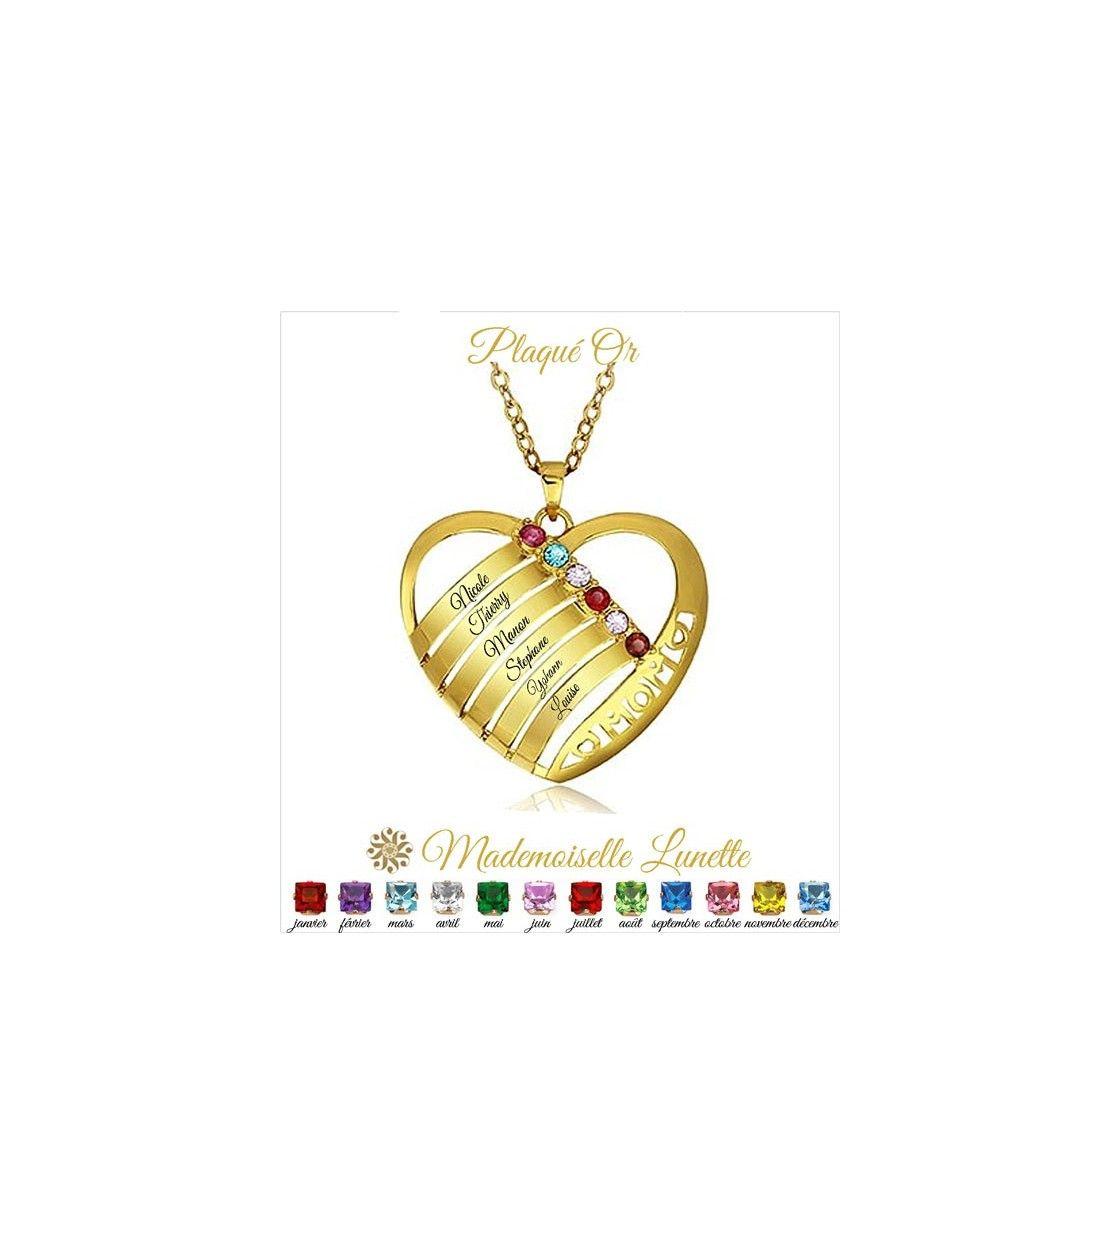 collier-maman-grand-coeur-en-plaque-or-pour-maman-et-6-pierres-de-naissance-6-gravure-prenoms